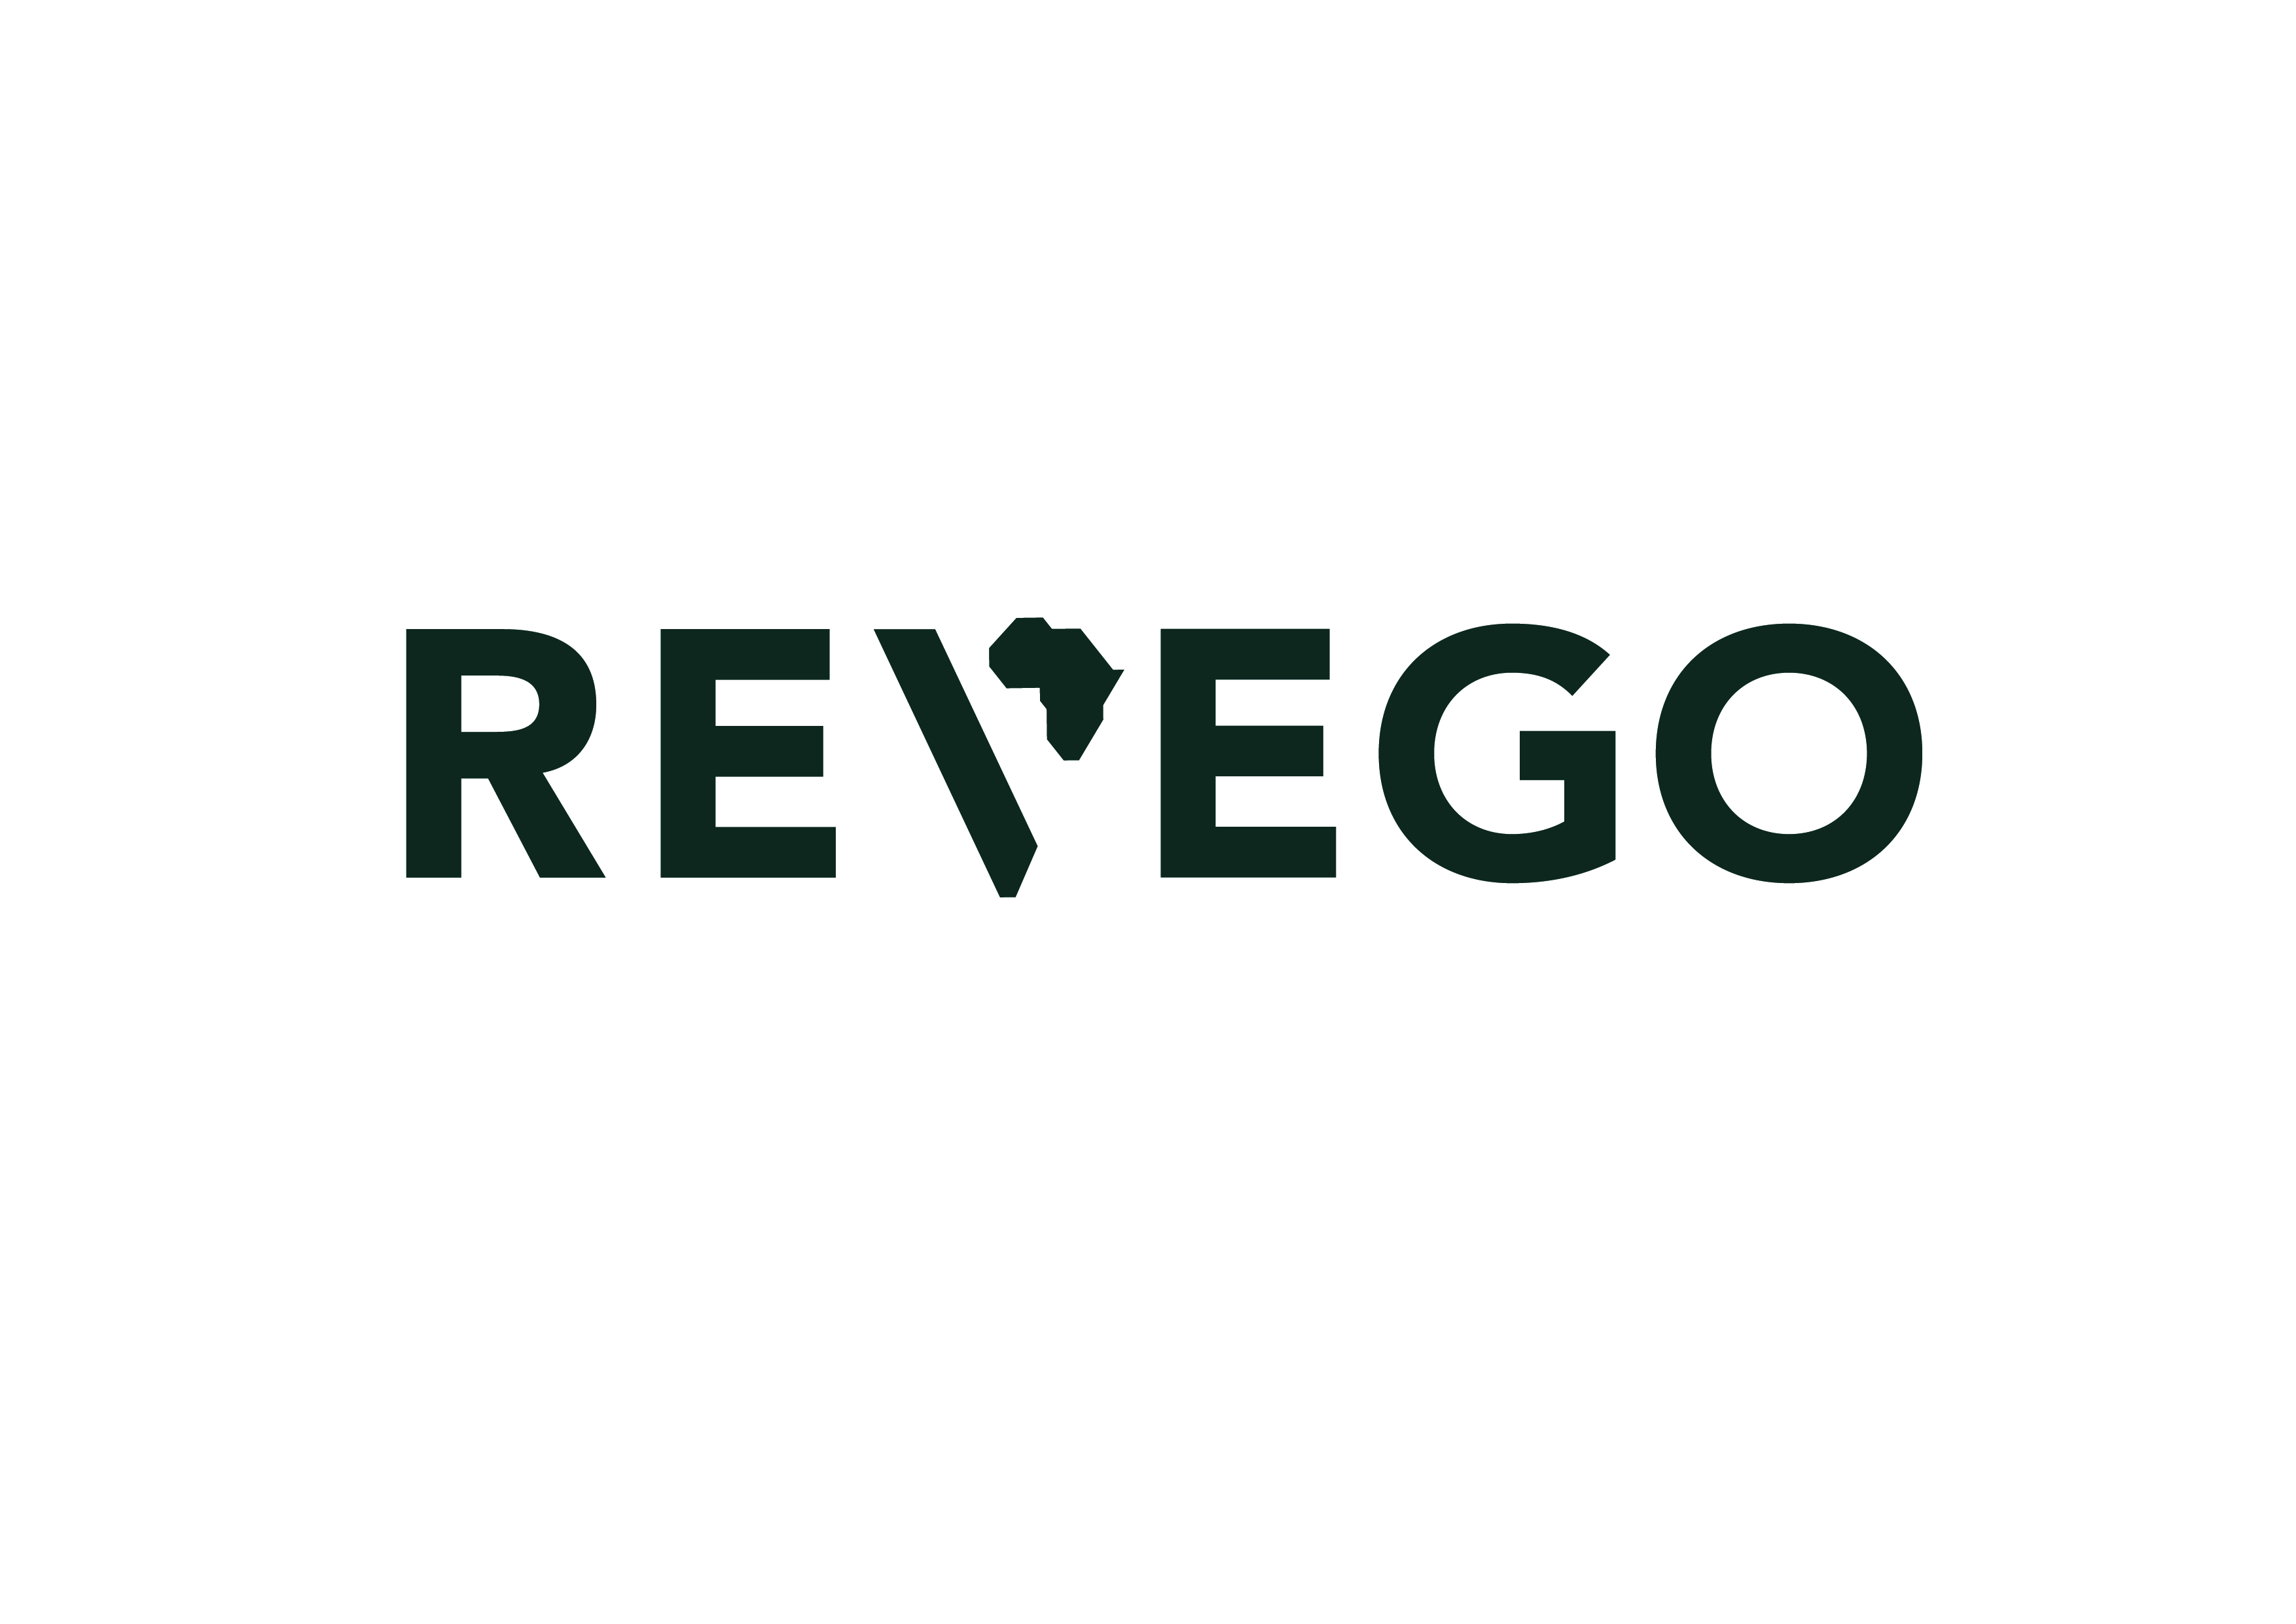 REVEGO_Final_LOGO